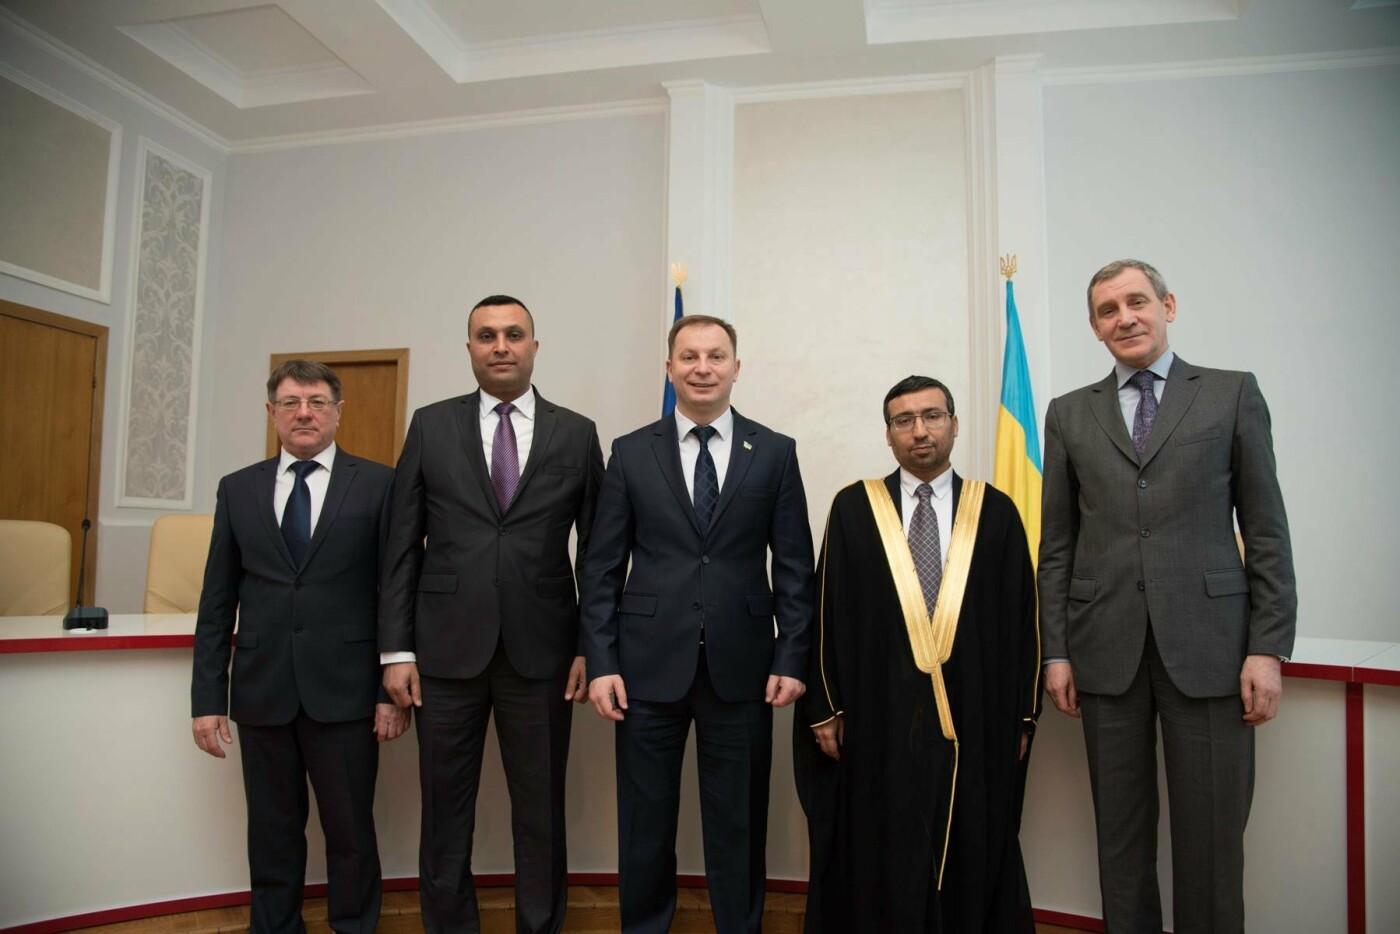 Тернопільська ОДА підписала меморандум про співробітництво з Українсько-Арабською Діловою Радою (фото), фото-3